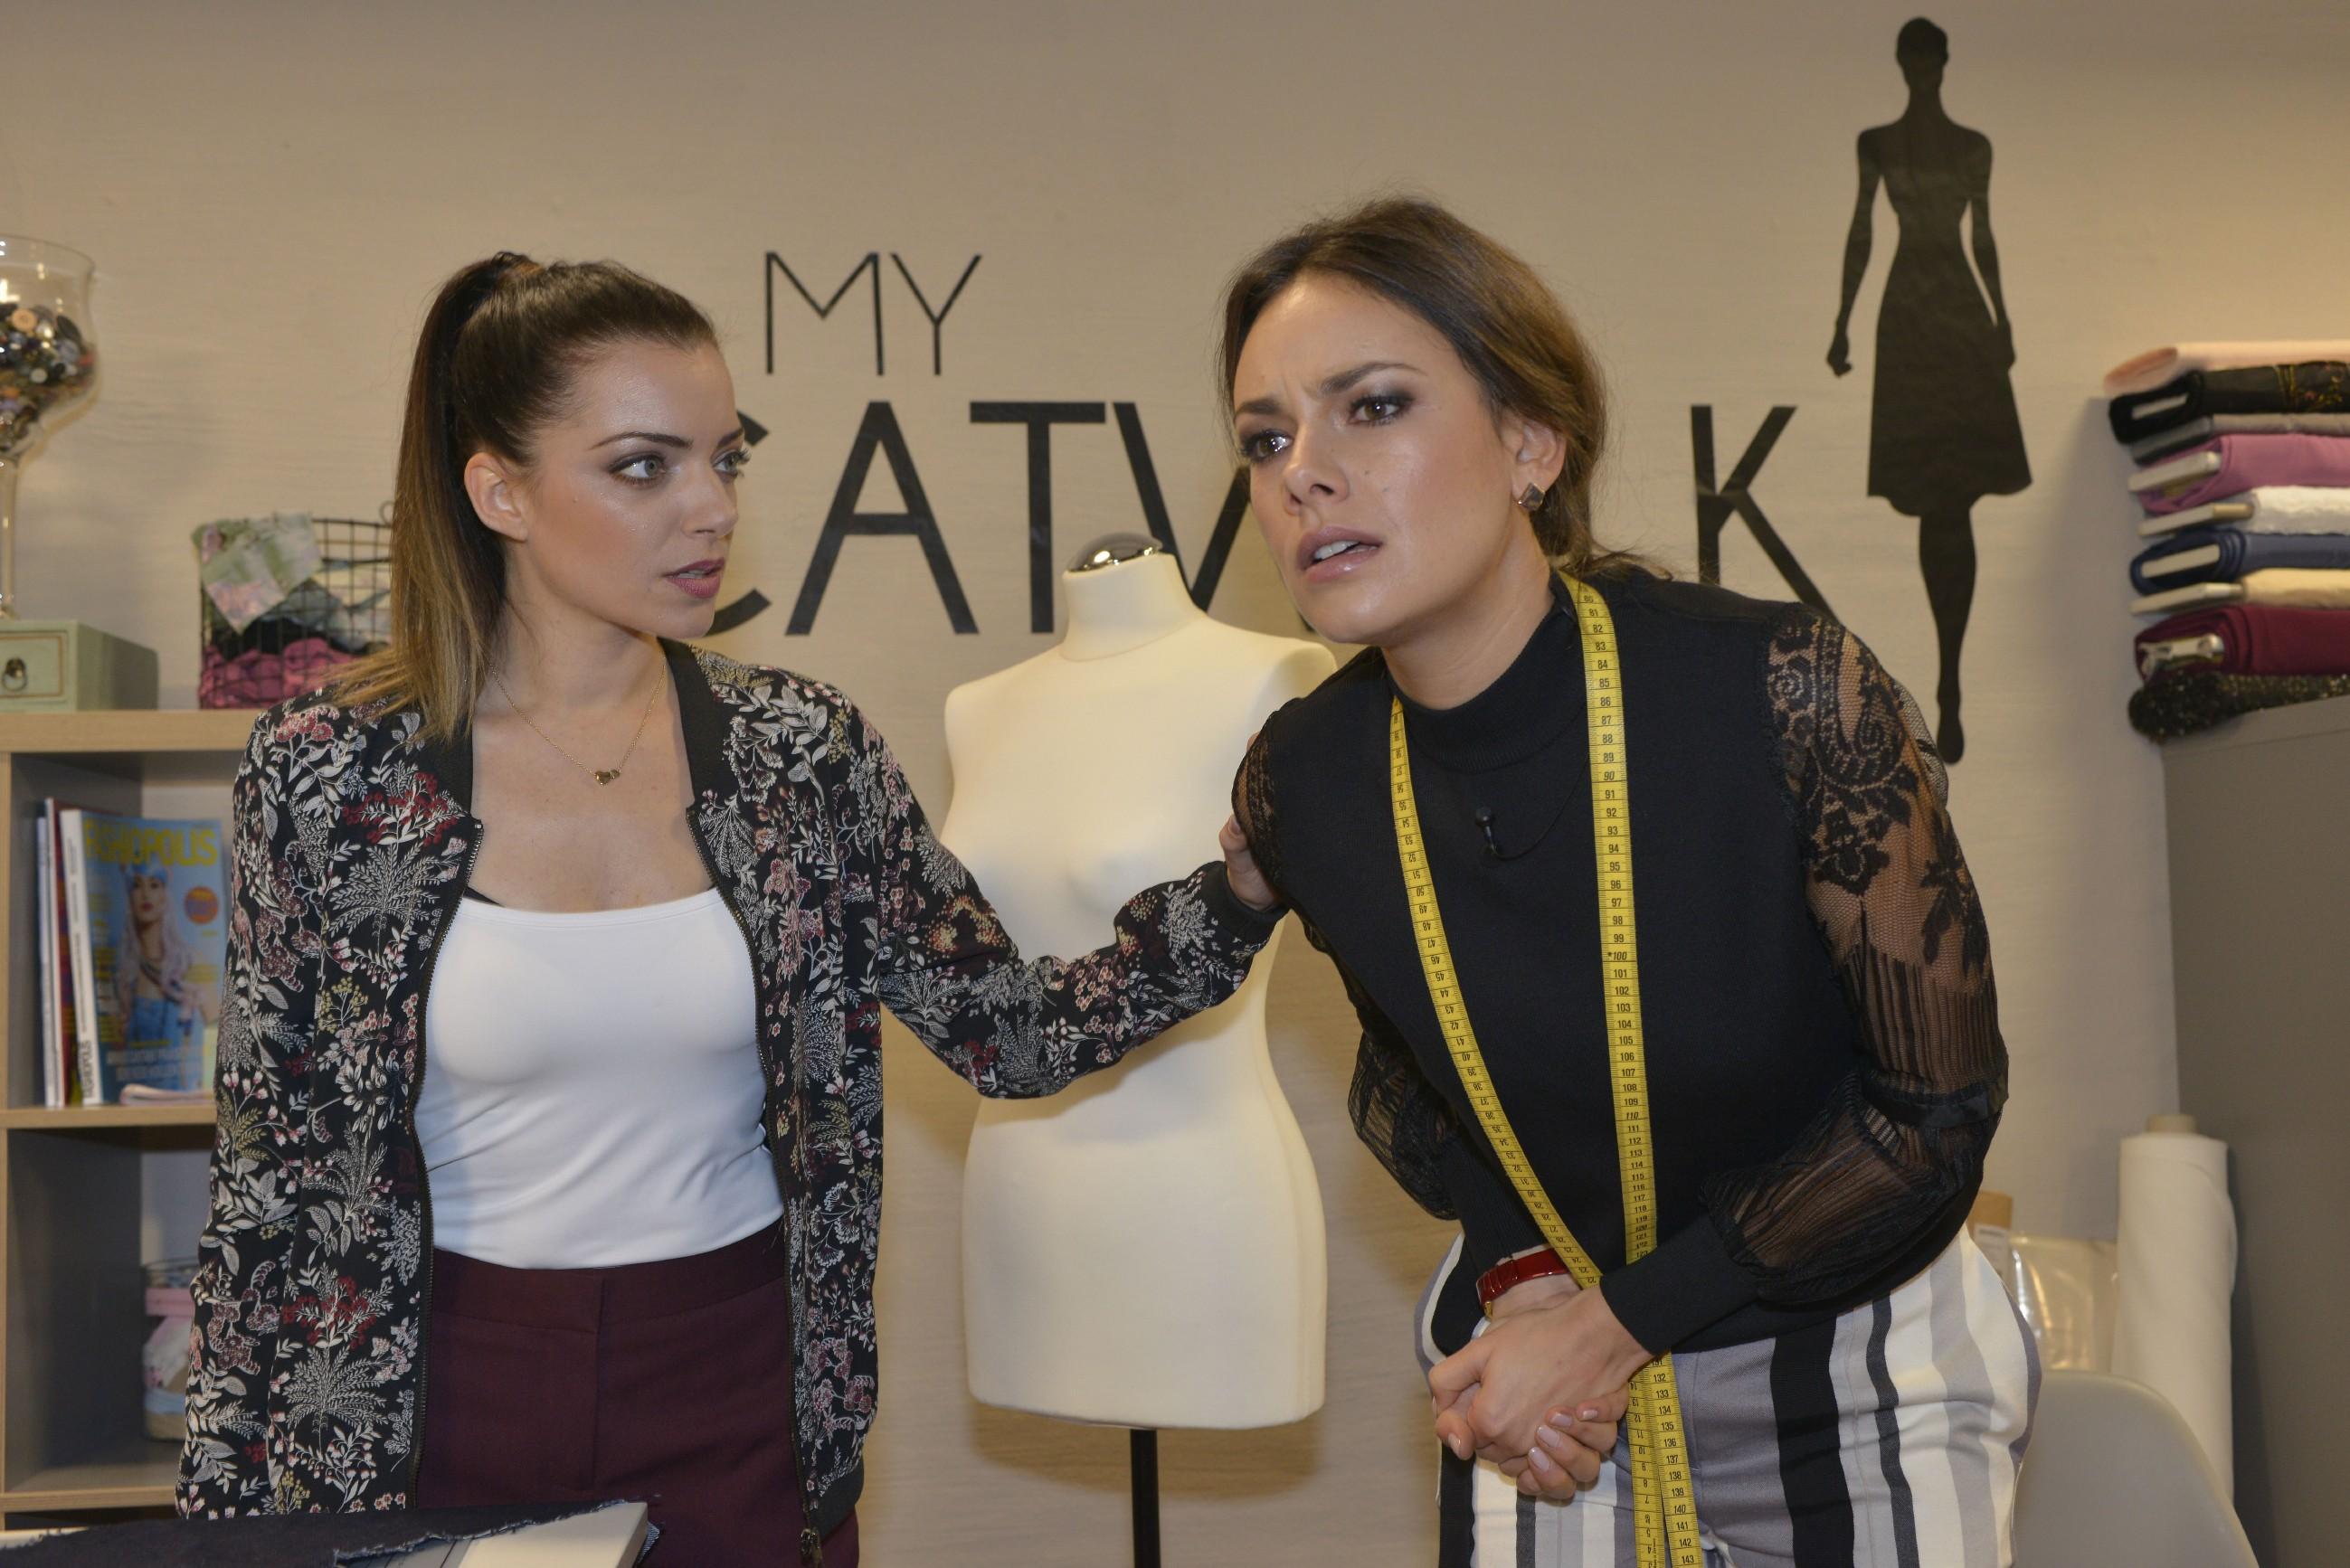 Als Emily (Anne Menden, l.) Jasmin (Janina Uhse) anstiftet, bei dem Designwettbewerb zu schummeln, kommt es zum Streit - mit schmerzhaften Folgen für Jasmin! (Quelle: RTL / Rolf Baumgartner)